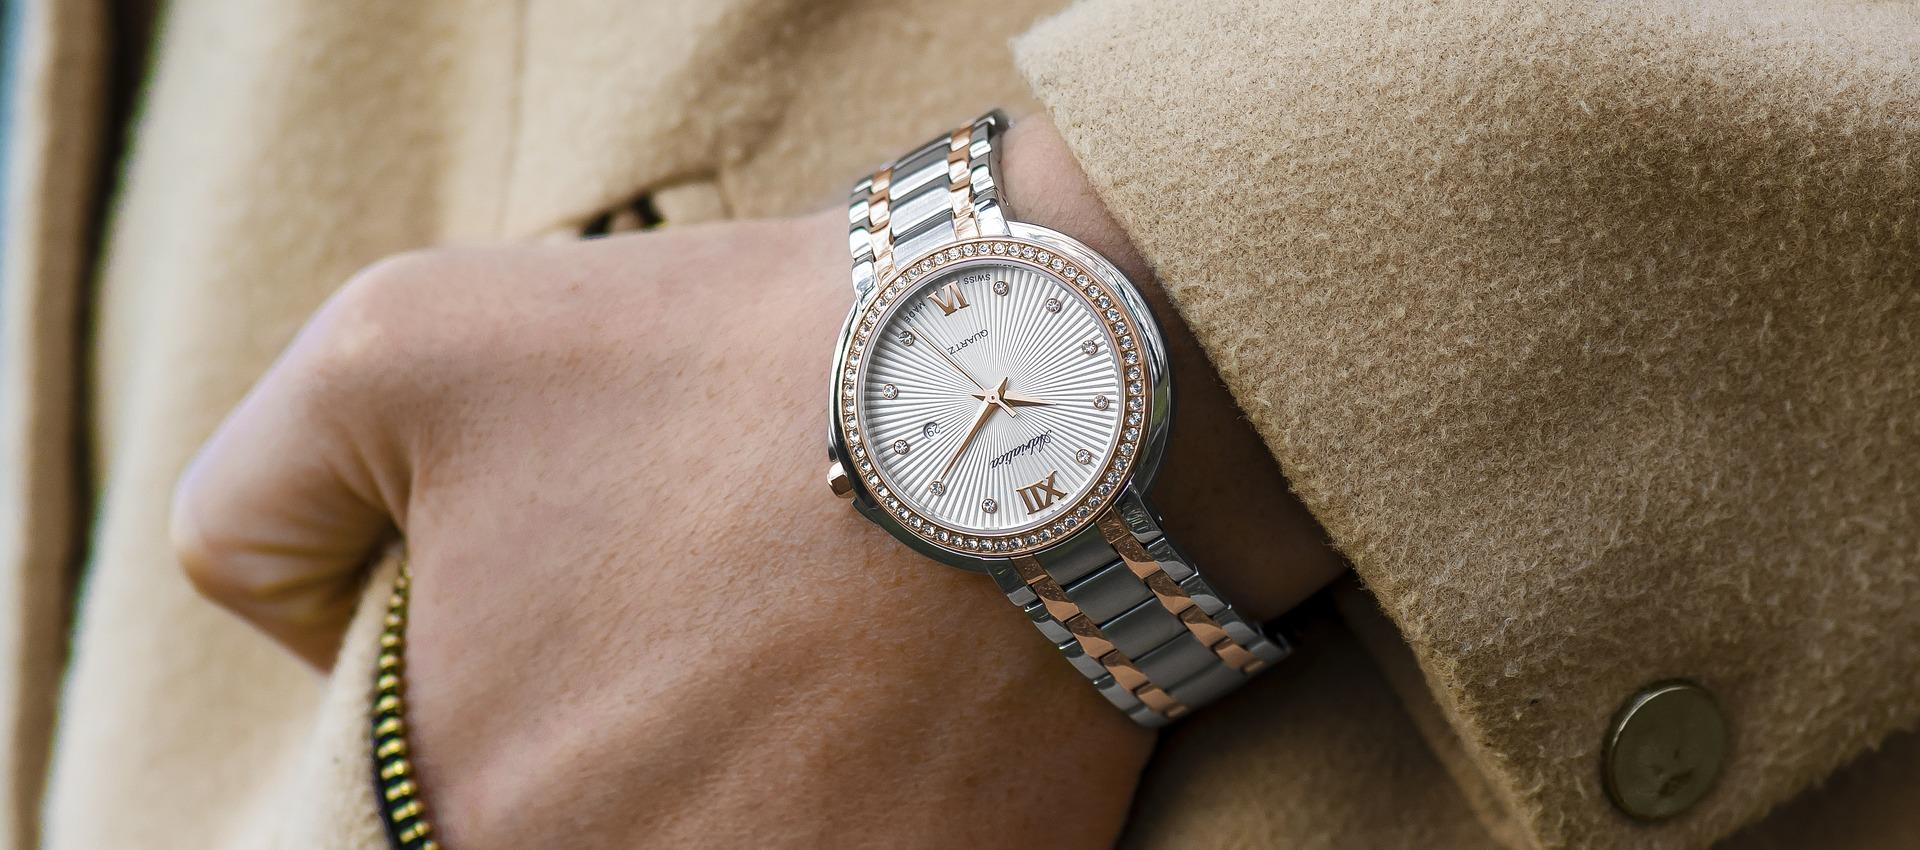 wristwatch-1149669_1920.jpg